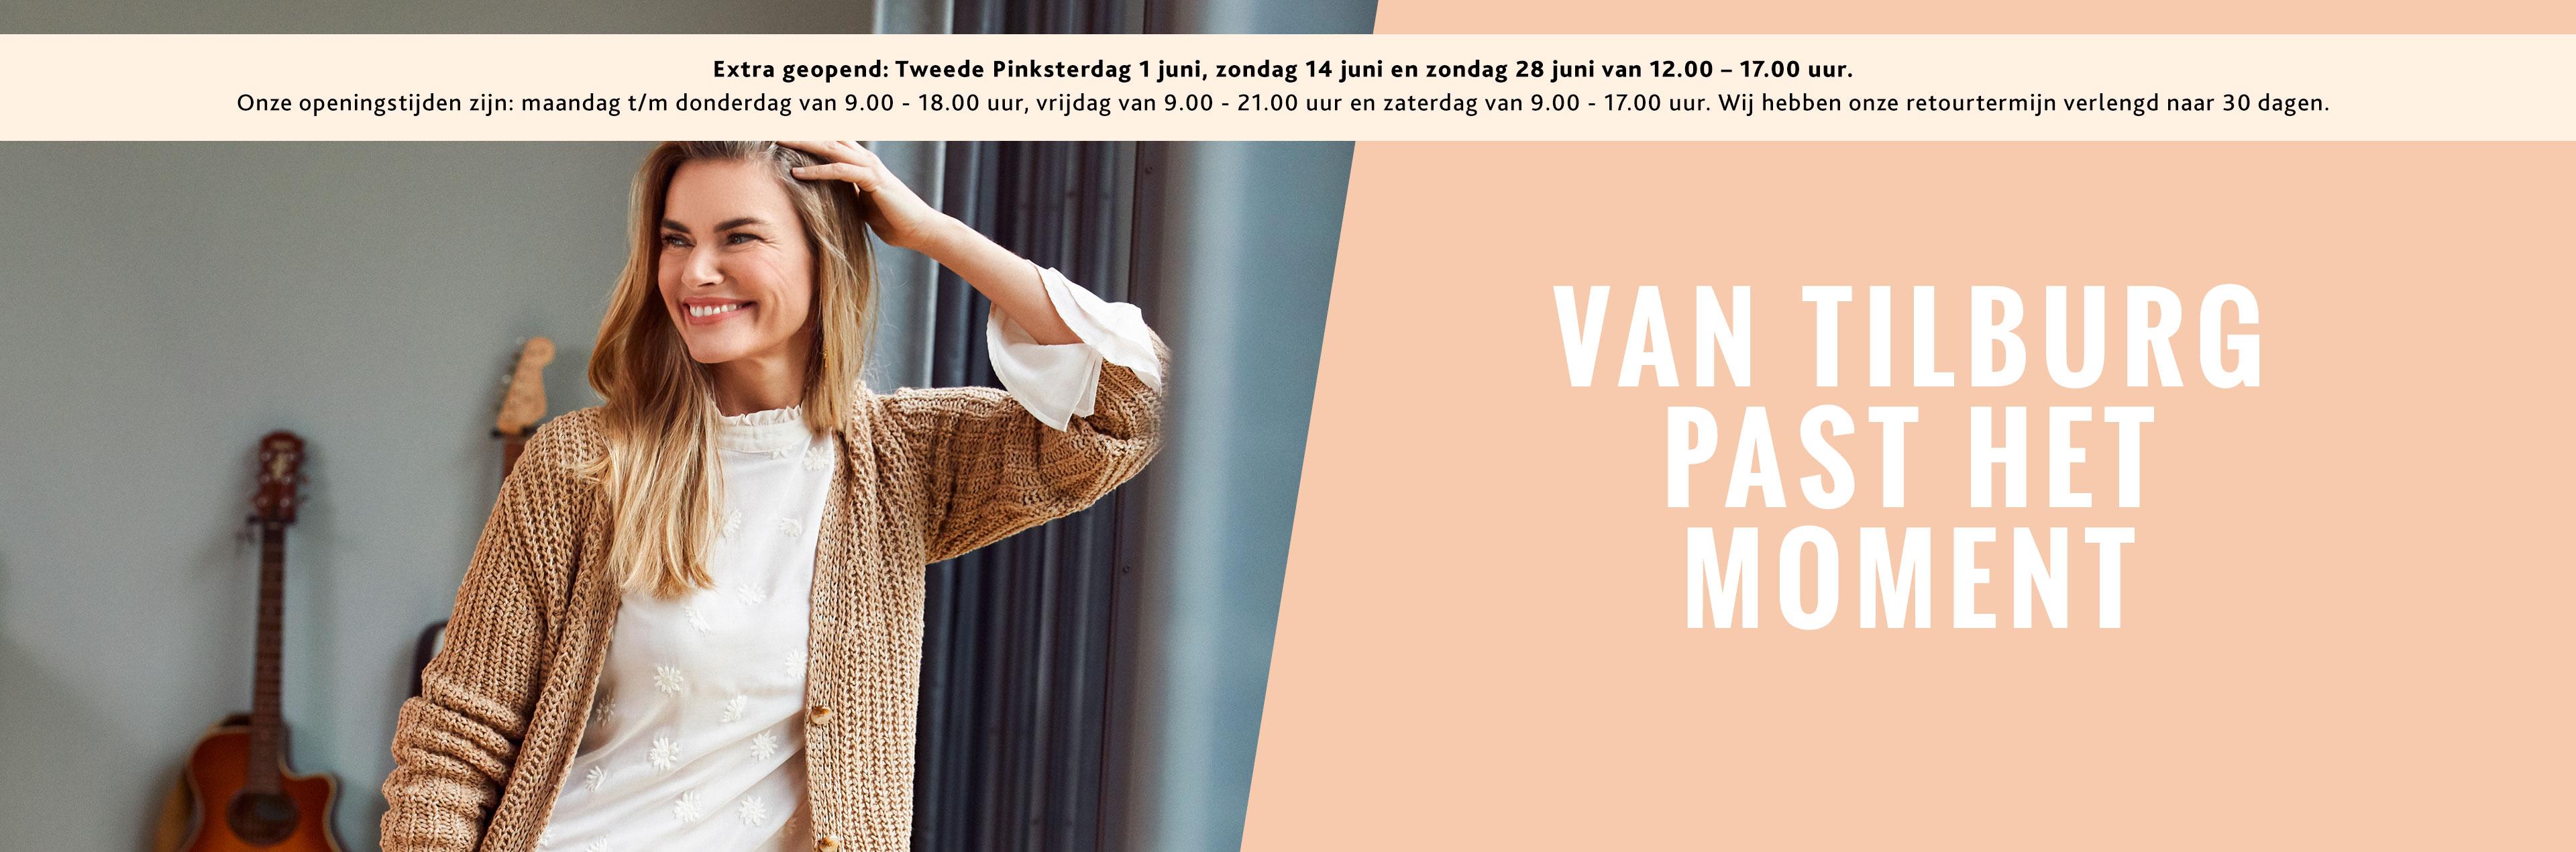 Van Tilburg past het moment